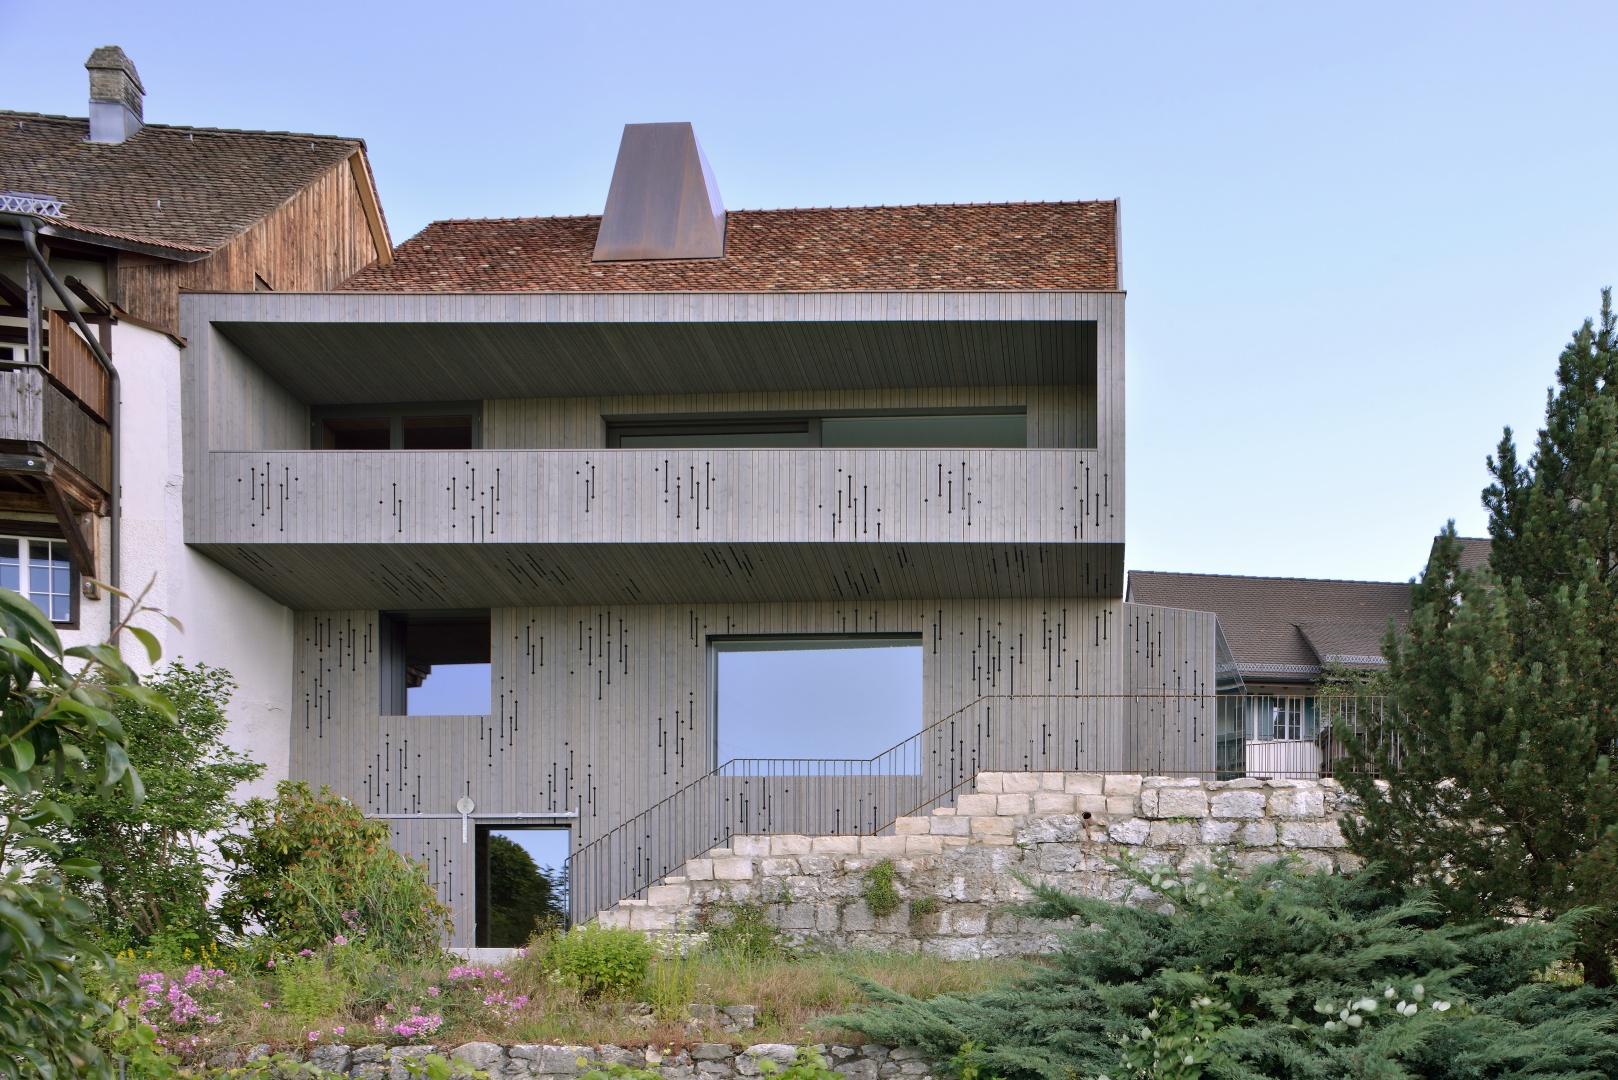 Umbau haus lendenmann schweizer baudokumentation - Come scegliere il colore esterno della casa ...